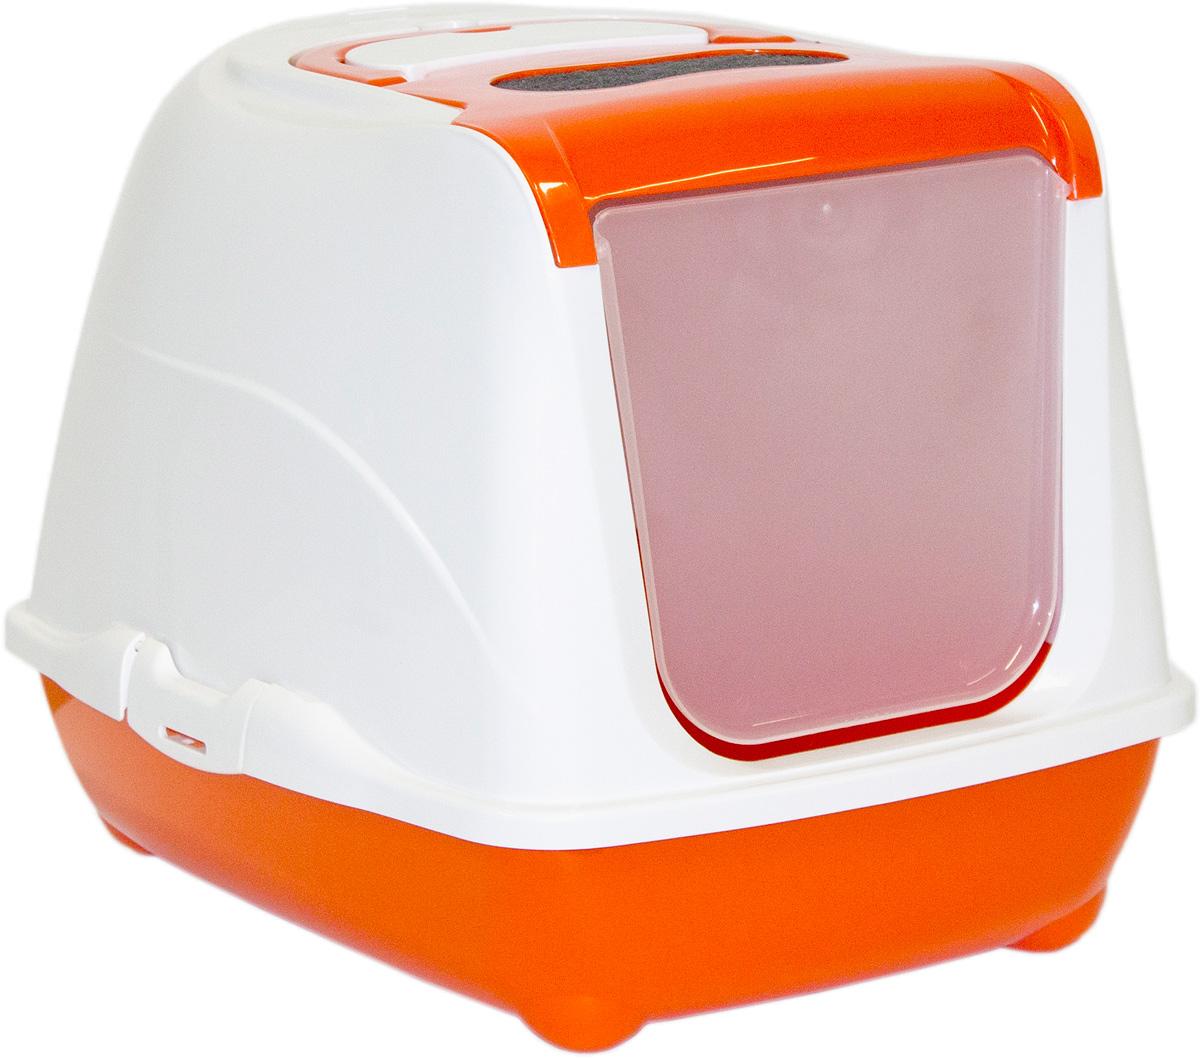 Туалет для кошек Moderna Flip Cat, закрытый, цвет: оранжевый, 39 х 50 х 37 см14C230148Закрытый туалет для кошек Flip Cat выполнен из высококачественного пластика. Туалет оснащен прозрачной открывающейся дверцей, сменным фильтром и удобной ручкой для переноски. Такой туалет избавит ваш дом от неприятного запаха и разбросанных повсюду частичек наполнителя. Кошка в таком туалете будет чувствовать себя увереннее, ведь в этом укромном уголке ее никто не увидит. Кроме того, яркий дизайн с легкостью впишется в интерьер вашего дома. Туалет легко открывается для чистки благодаря практичным защелкам по бокам.